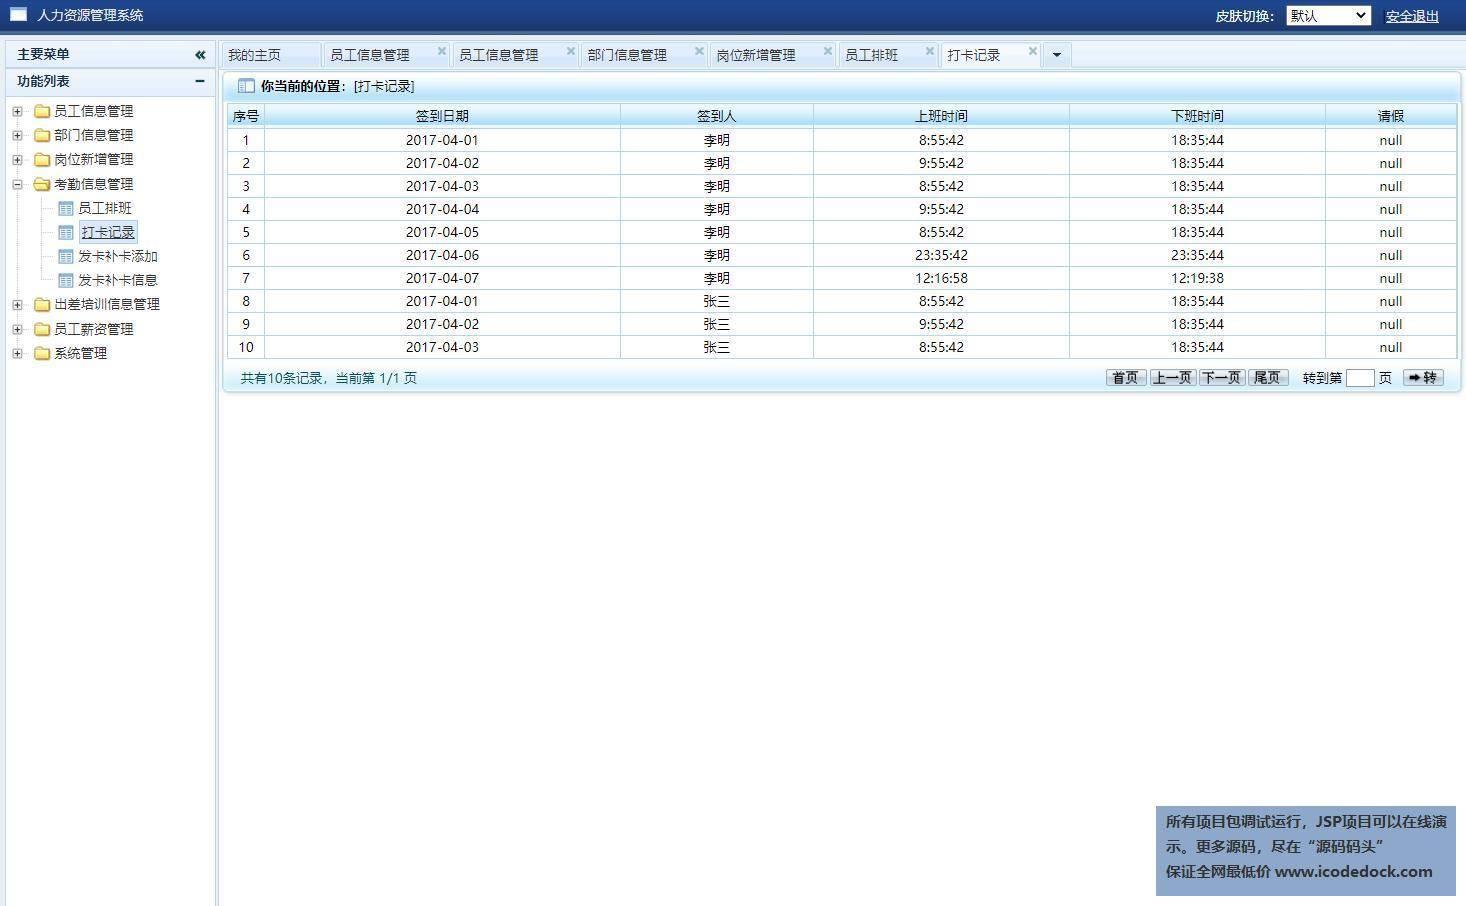 源码码头-SSH公司企业人力资源管理系统-管理员角色-打卡记录